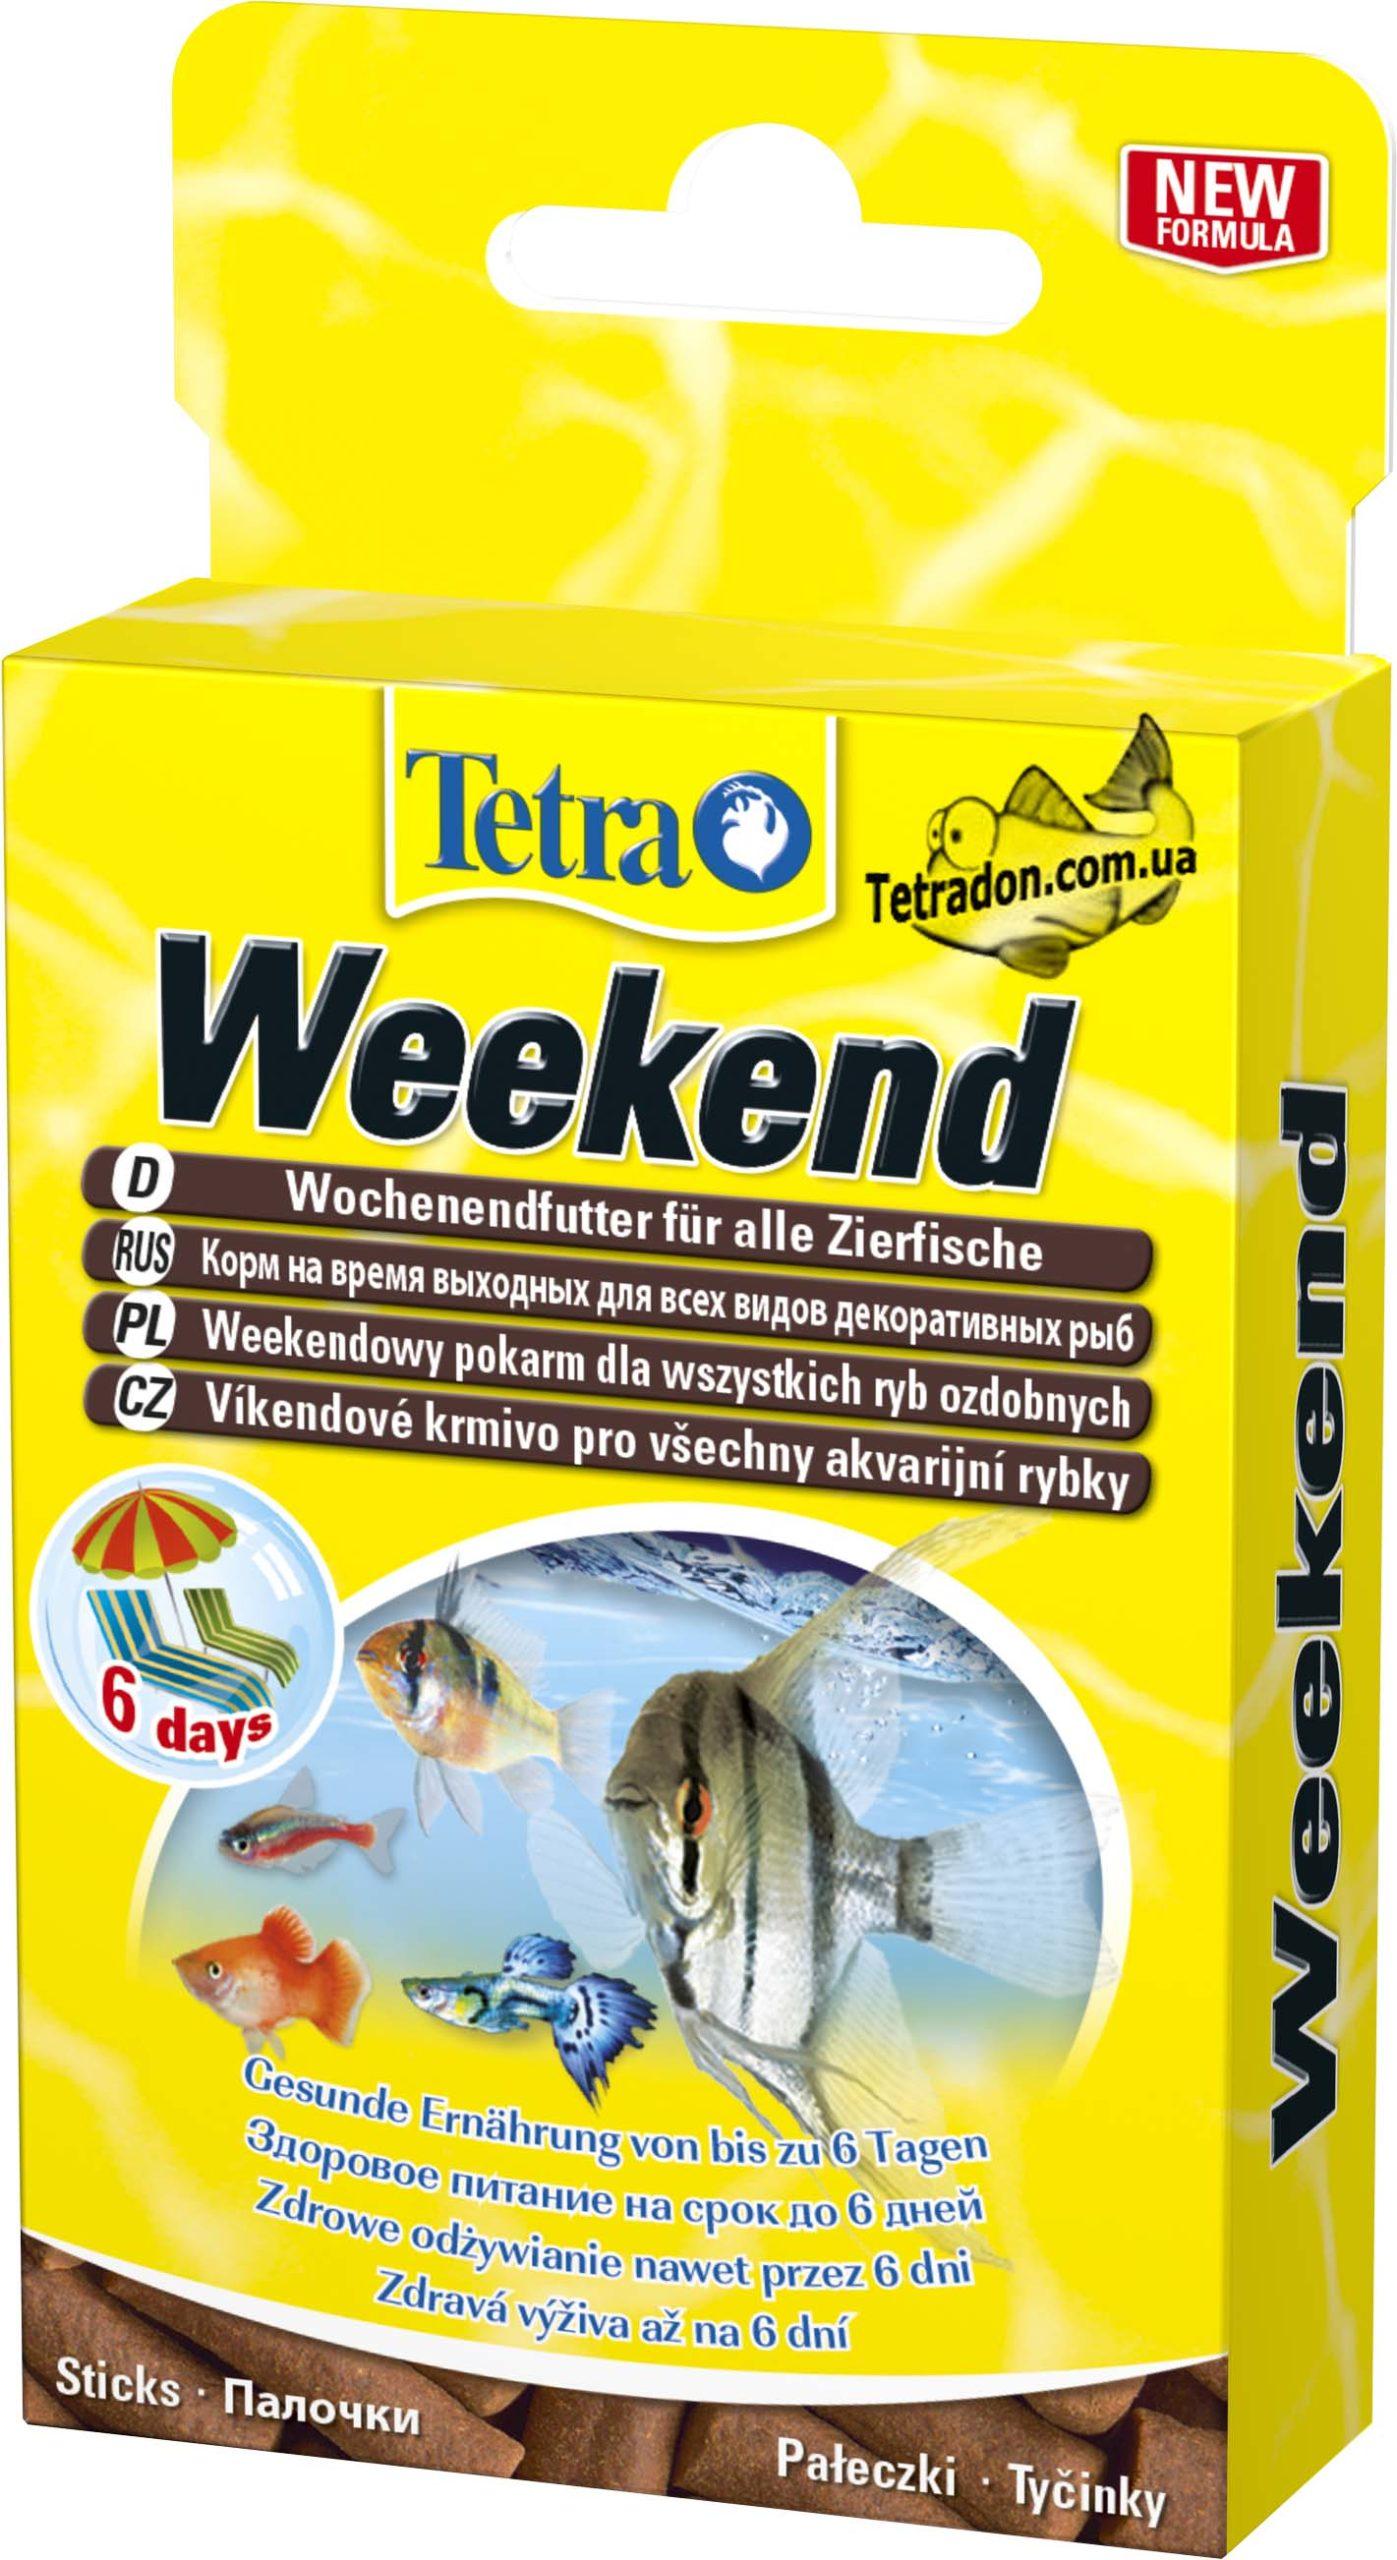 tetra_min_weekend